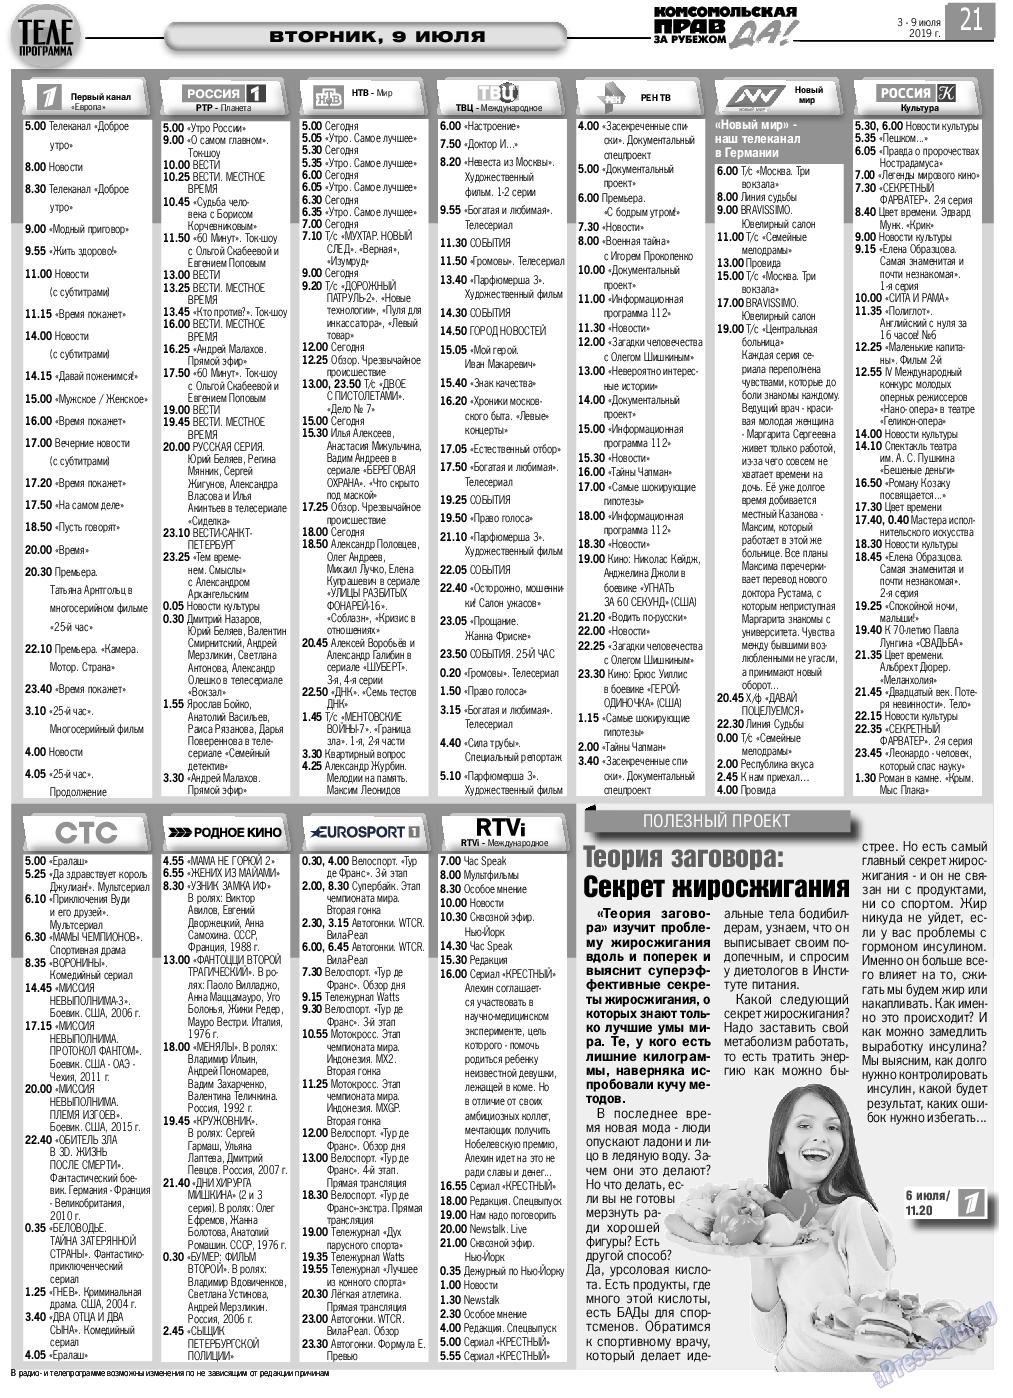 КП в Европе (газета). 2019 год, номер 27, стр. 21